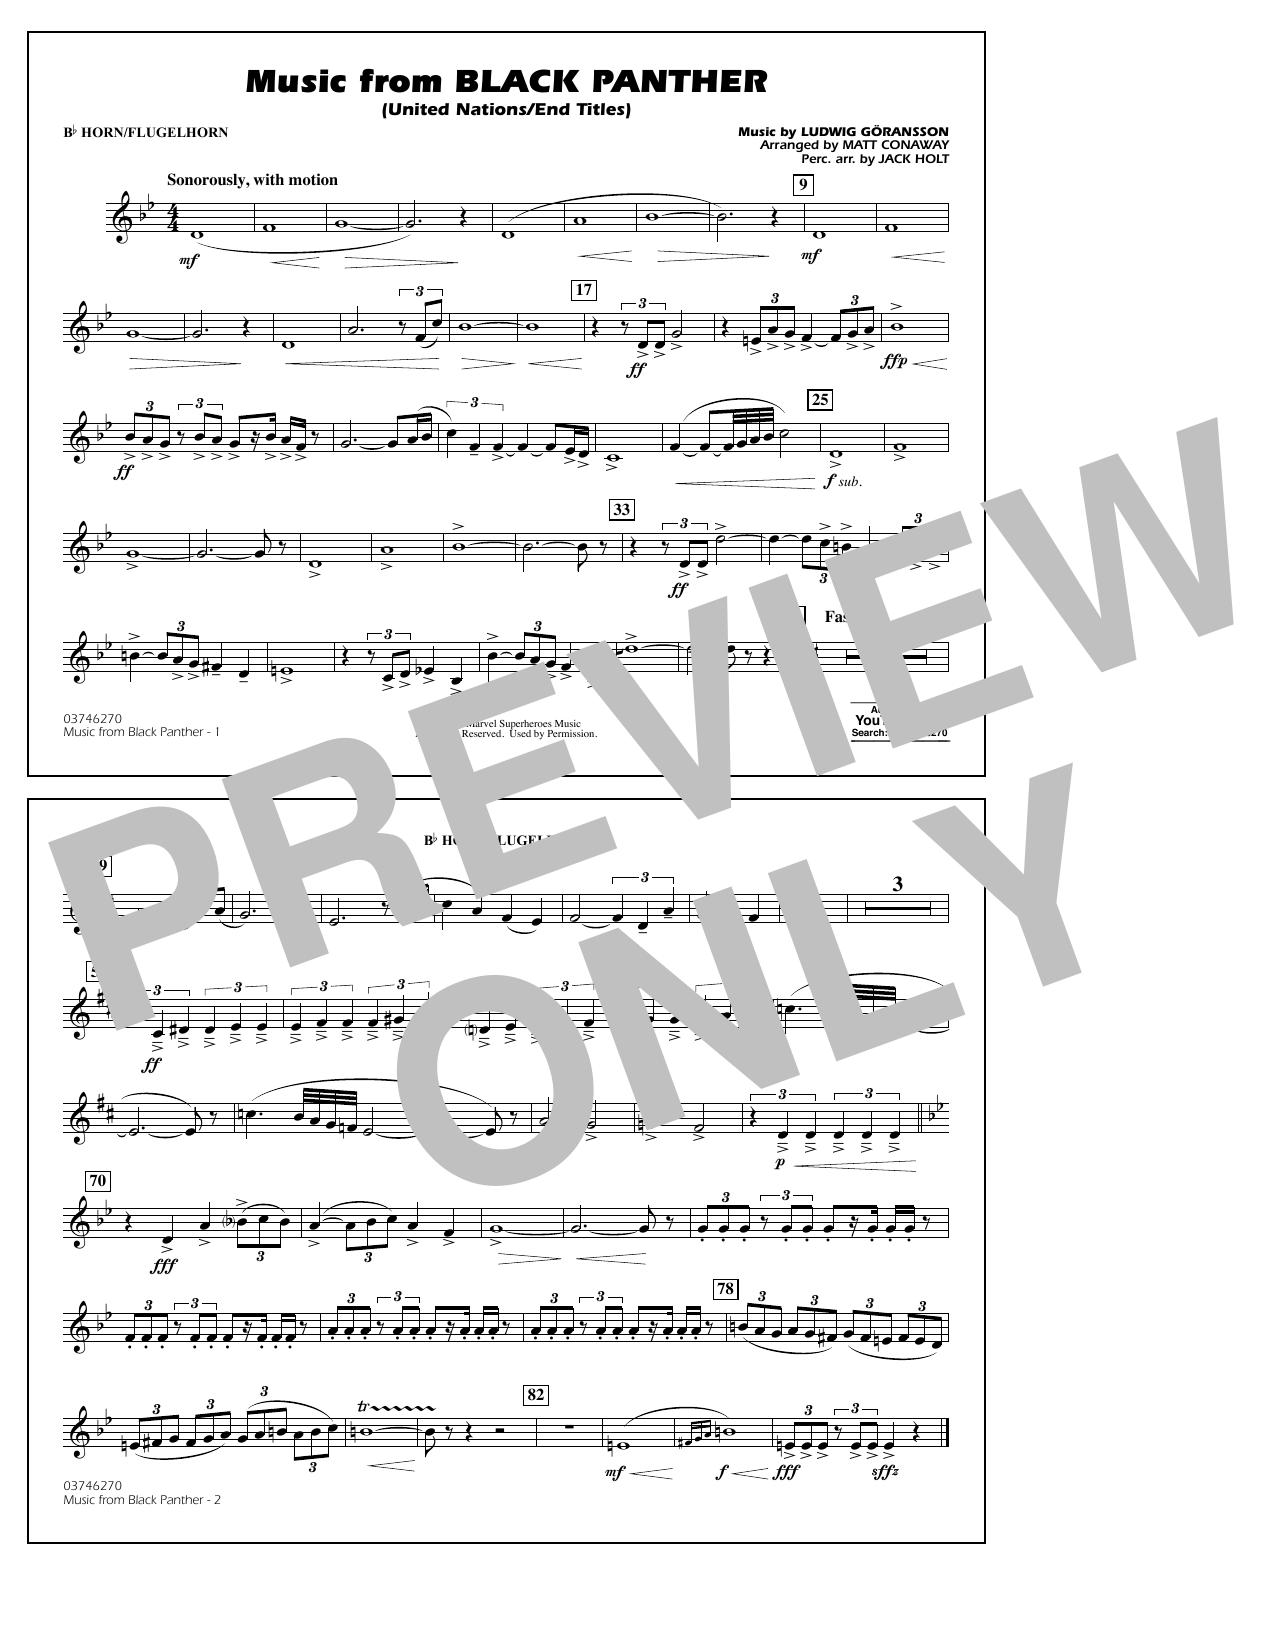 Music from Black Panther (arr. Matt Conaway) - Bb Horn/Flugelhorn (Marching Band)